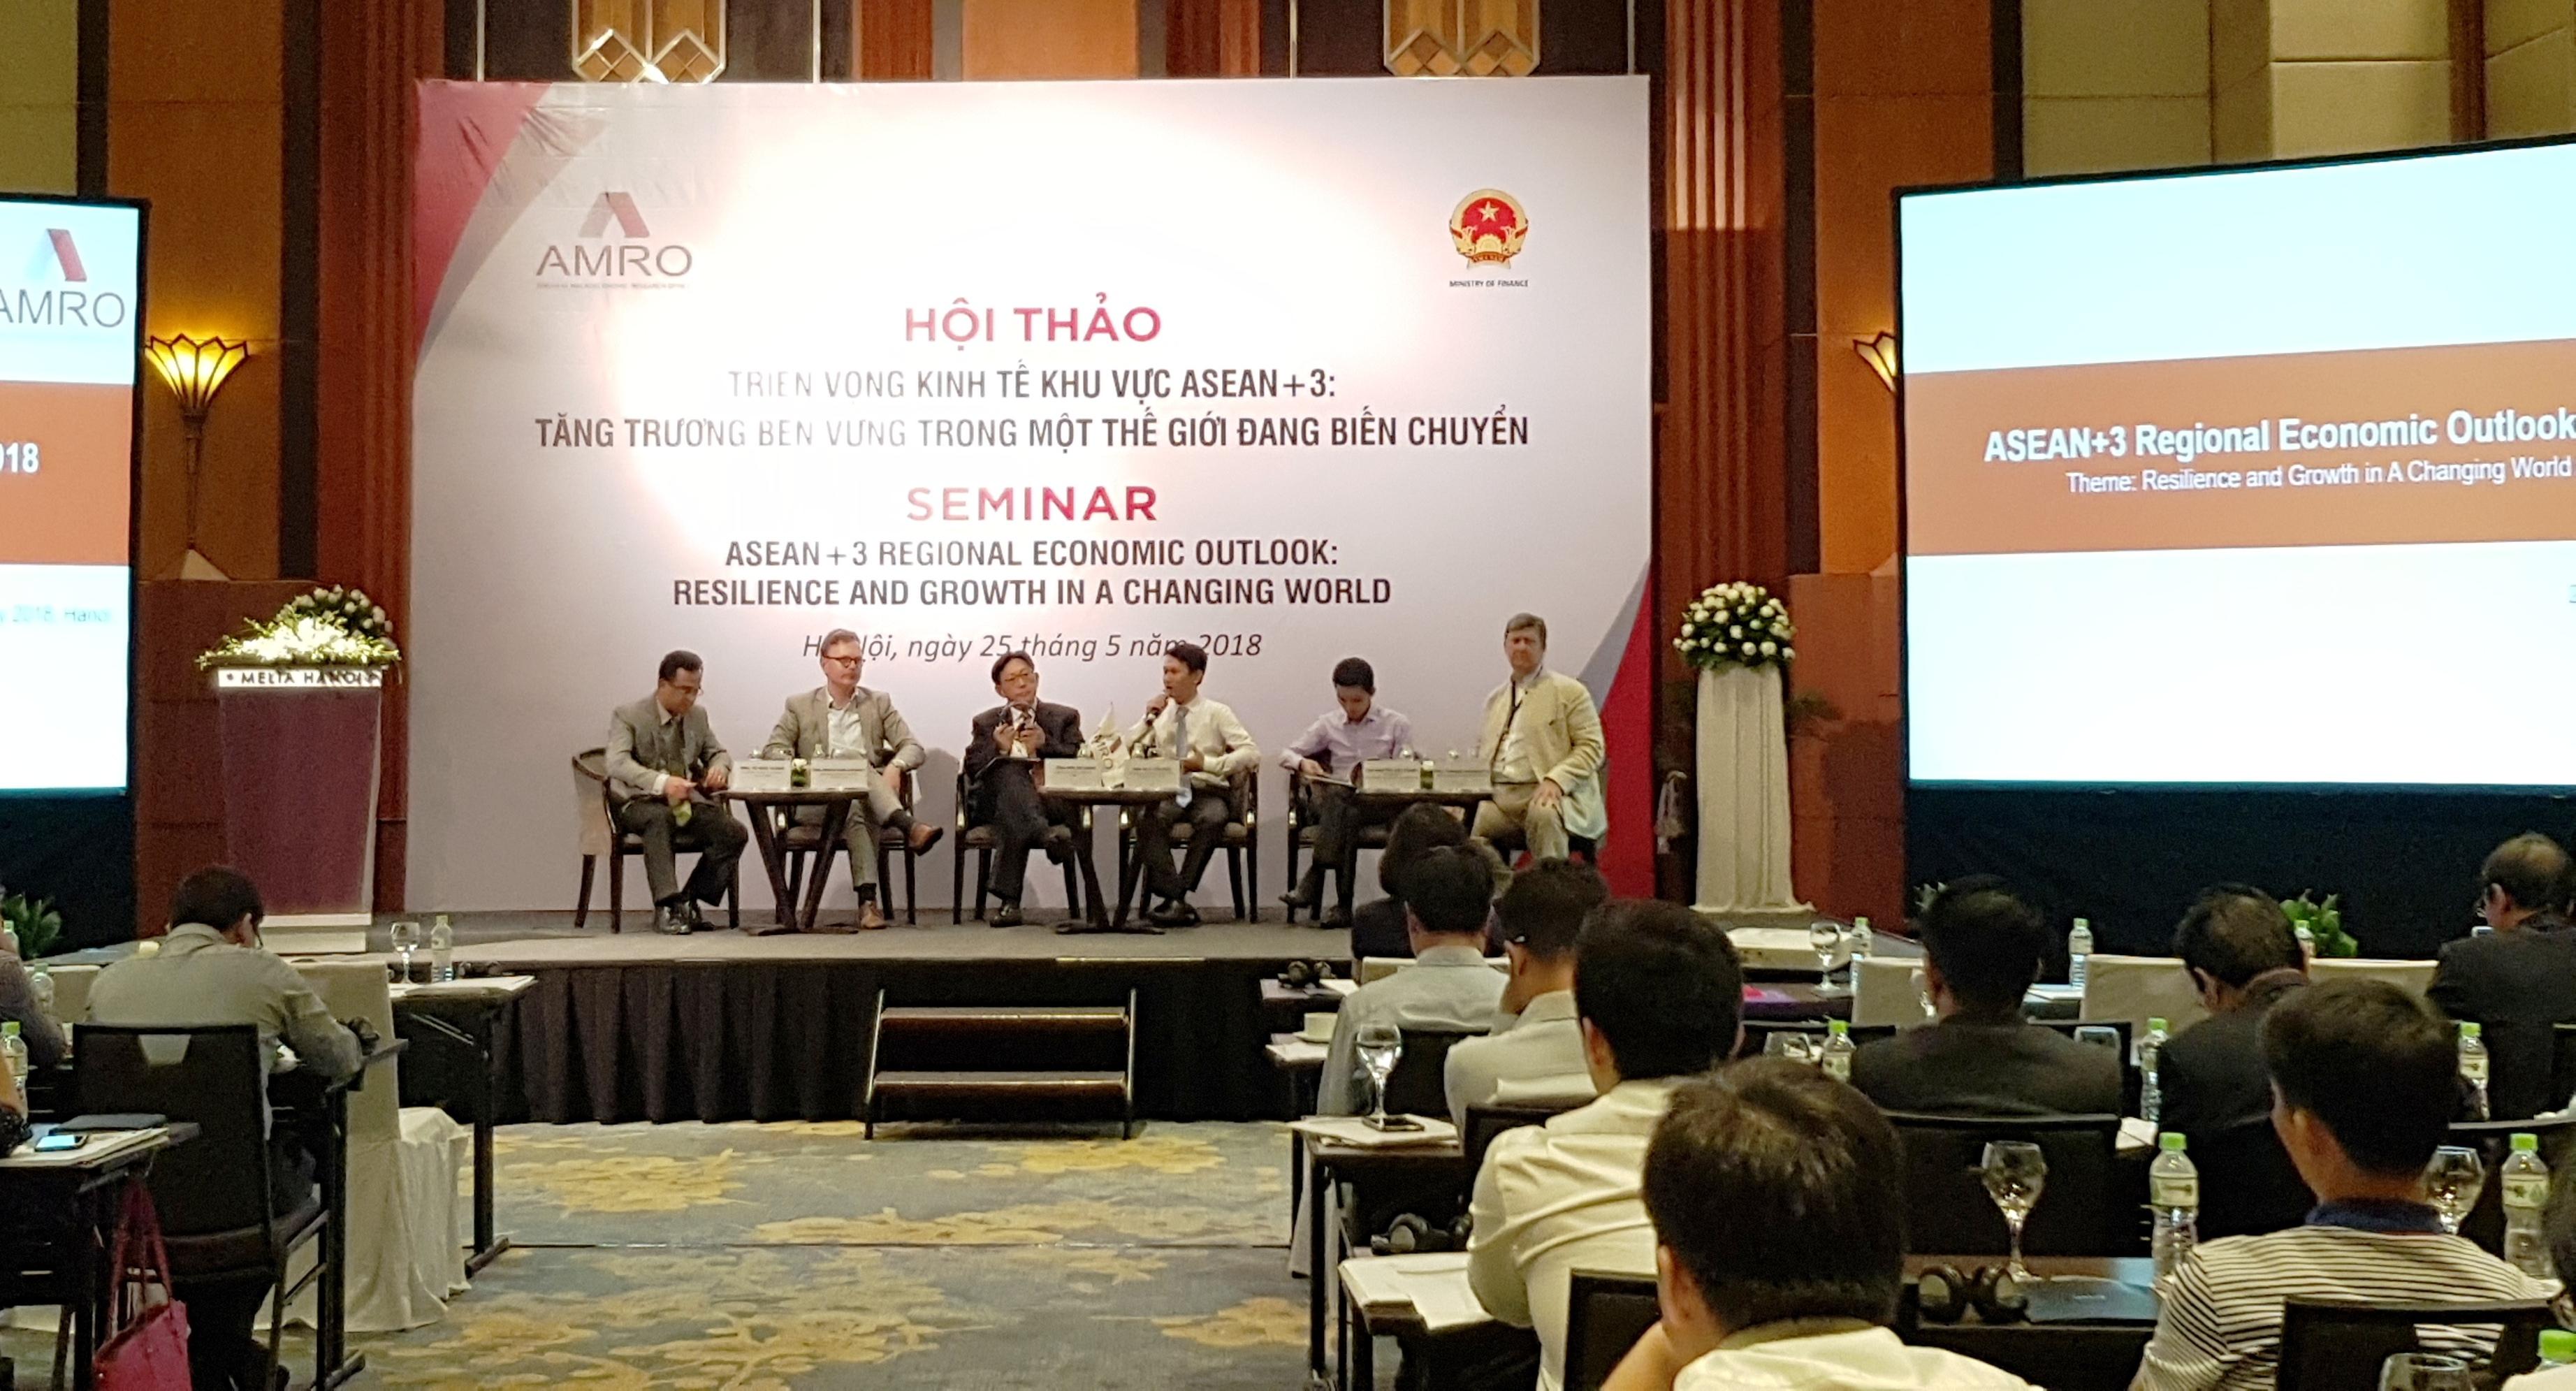 Nhiều cơ hội, triển vọng phát triển kinh tế khu vực ASEAN+3